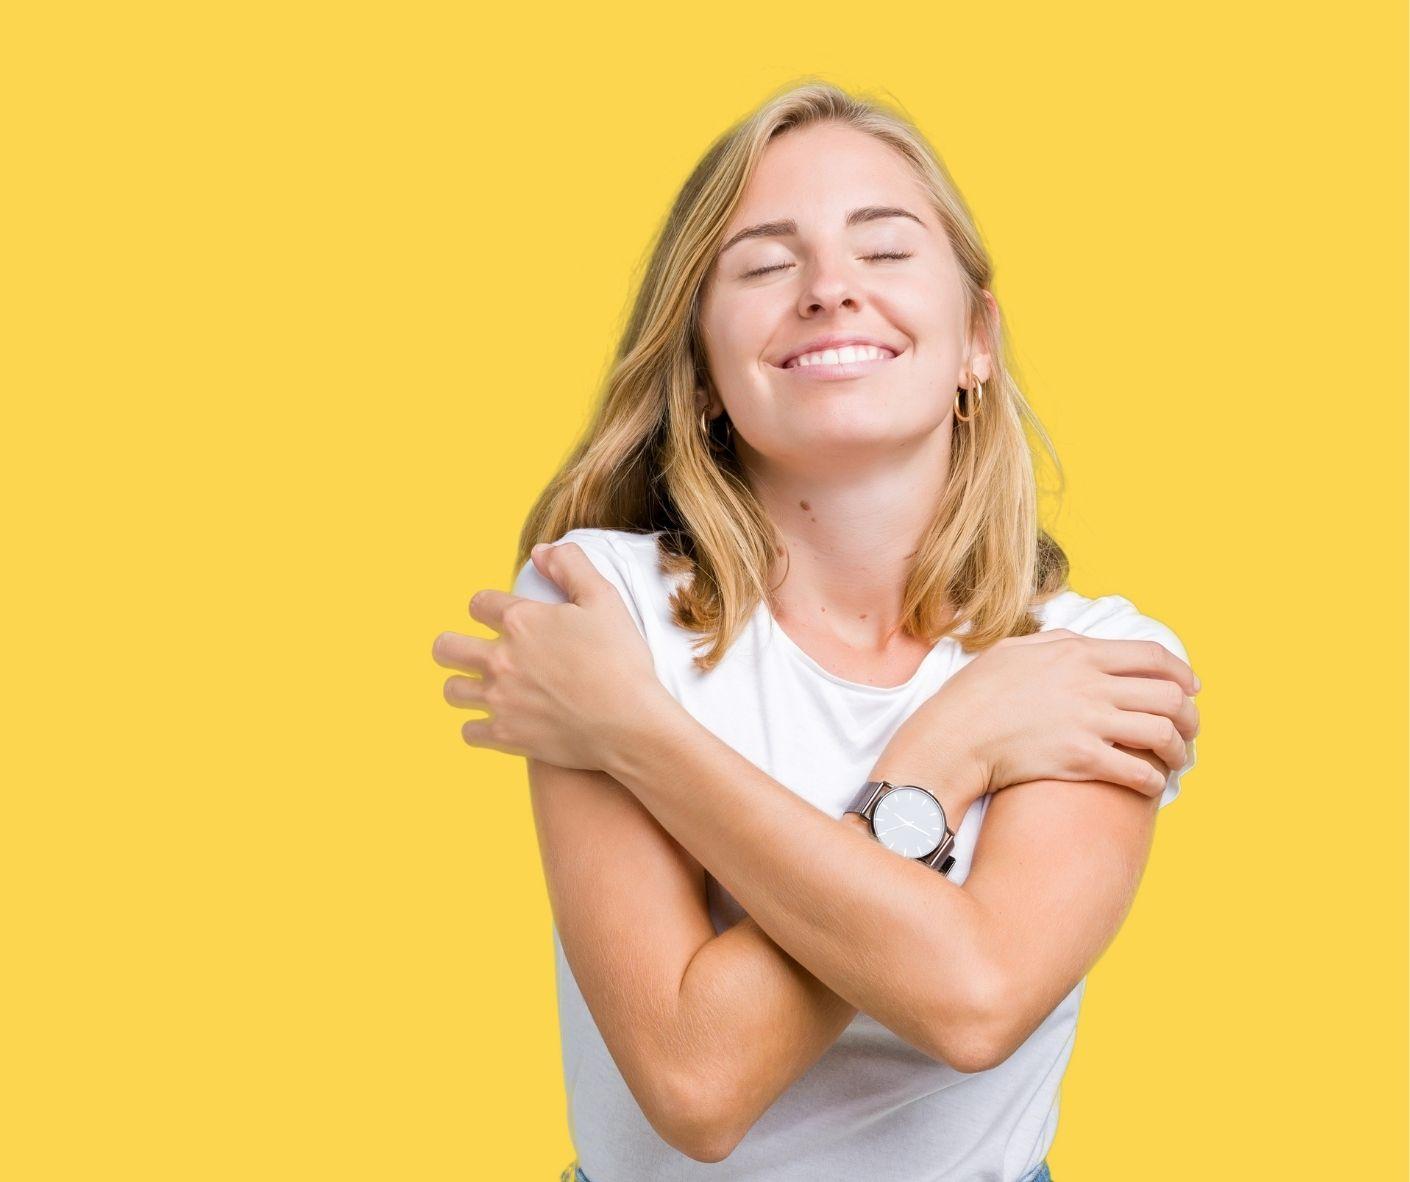 Ruuhkavuodet tarjoaa ilmaisen webinaarin vanhemmille – Aiheena itsemyötätaidot